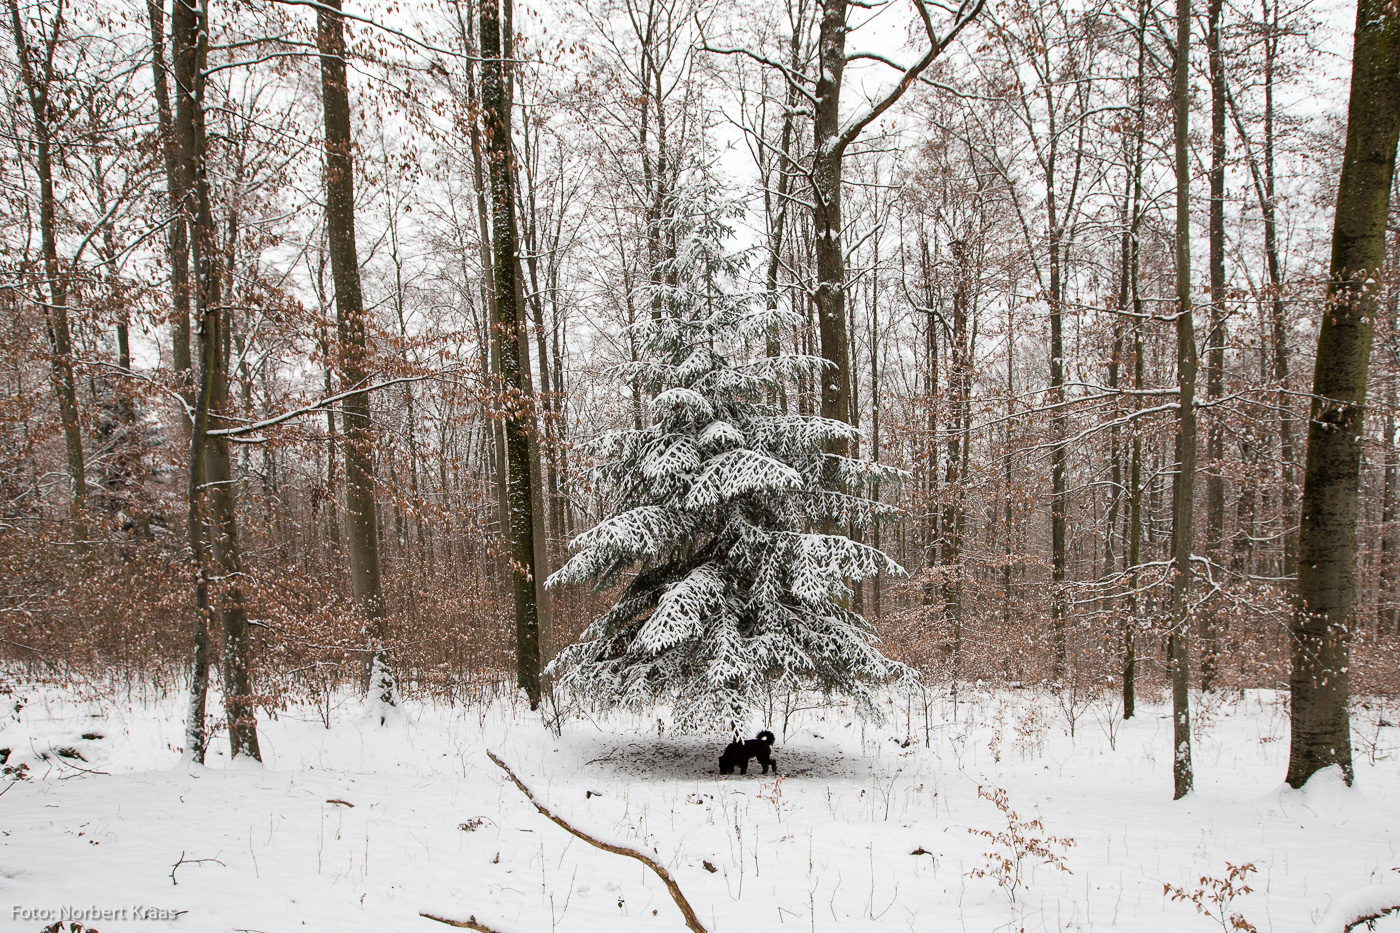 Dem schwarzen Hund streckt sie die Zweige hin, bereit. Schönbuch bei Tübingen, 3. Advent 2018